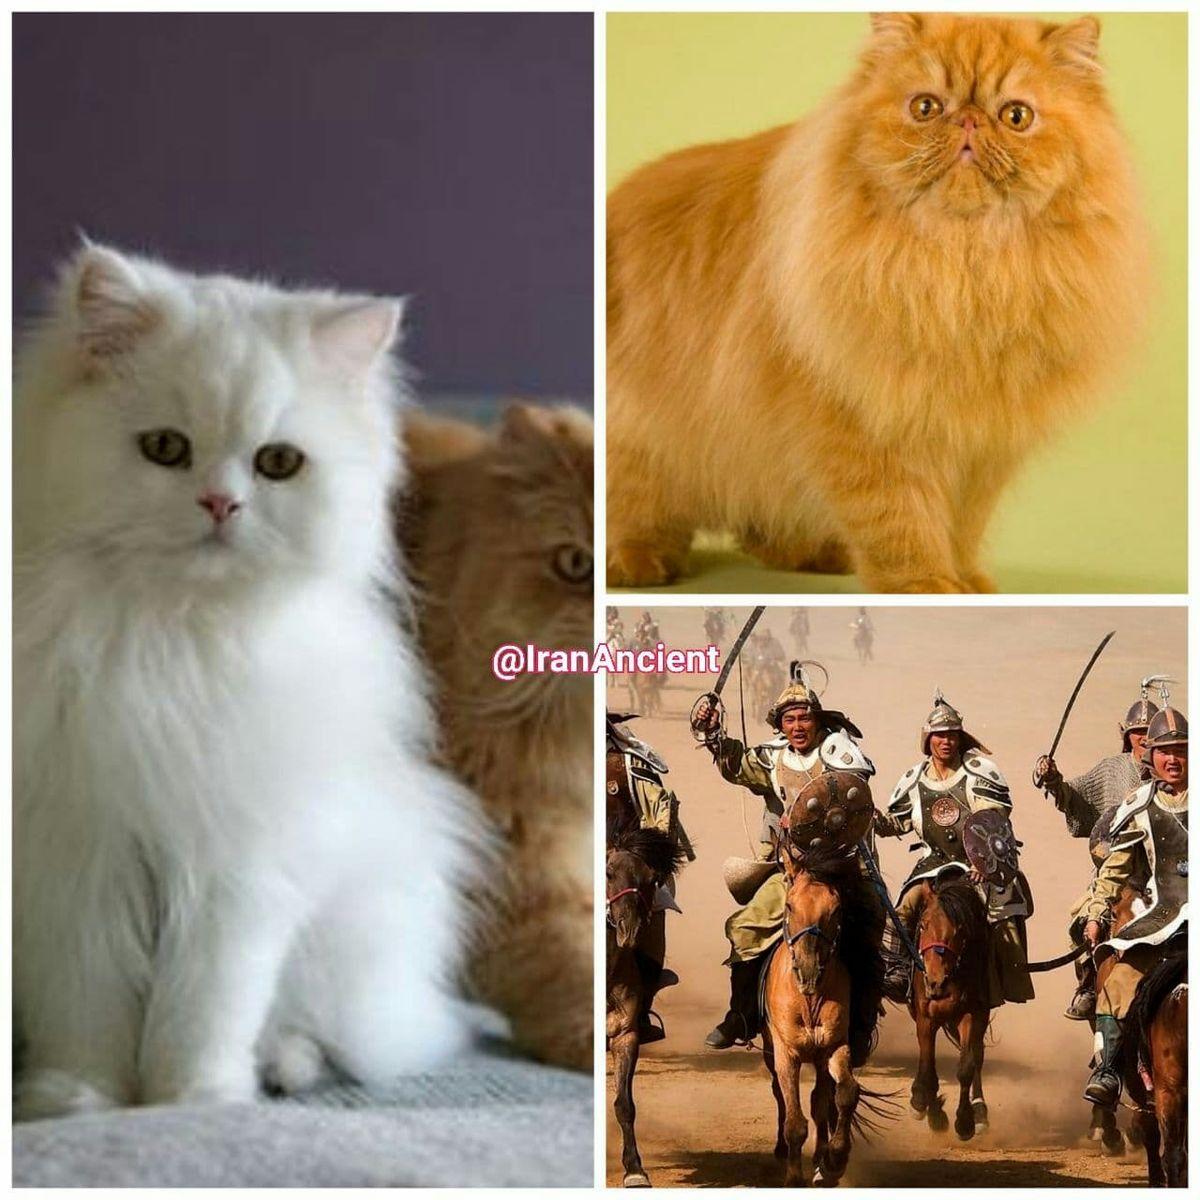 عکسی از پرشین کت که از کهنترین و مشهورترین نژادهای گربه ایرانی است